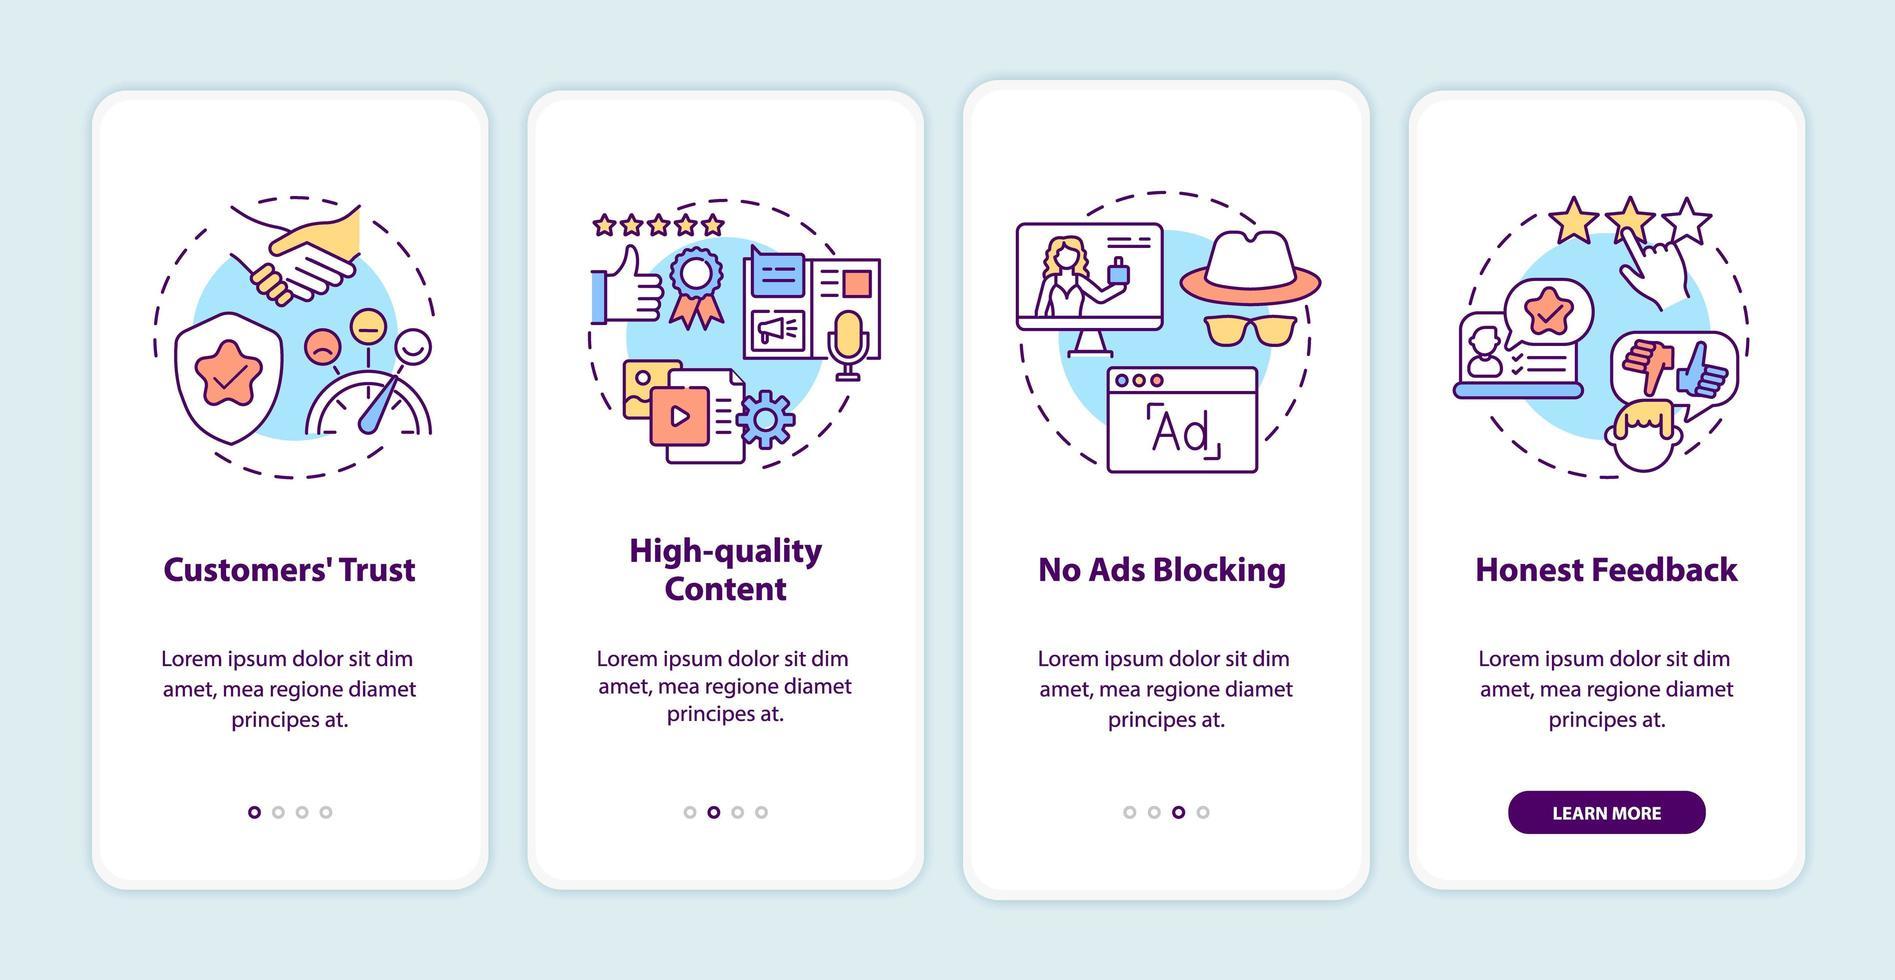 benefícios de marketing do influenciador integrando a tela da página do aplicativo móvel com conceitos vetor